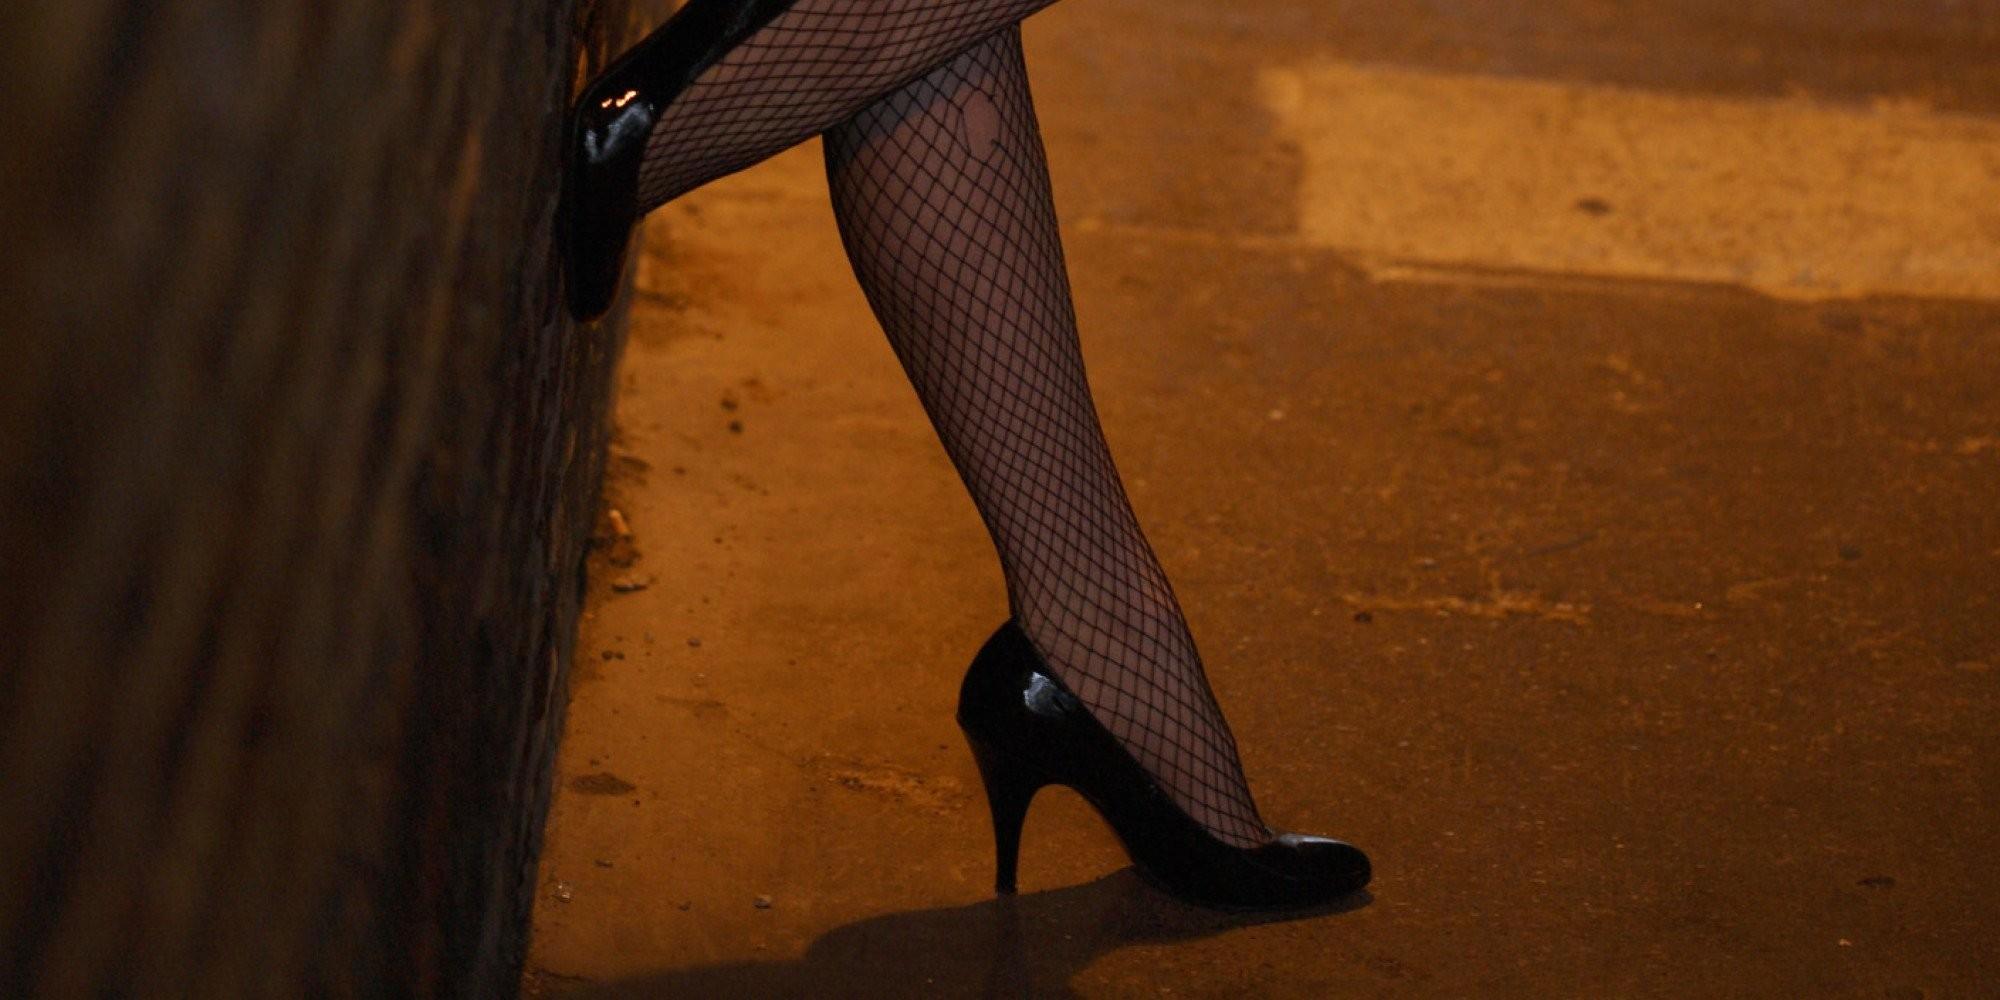 Проститутки поведали о новейшей эре вихпрофессии